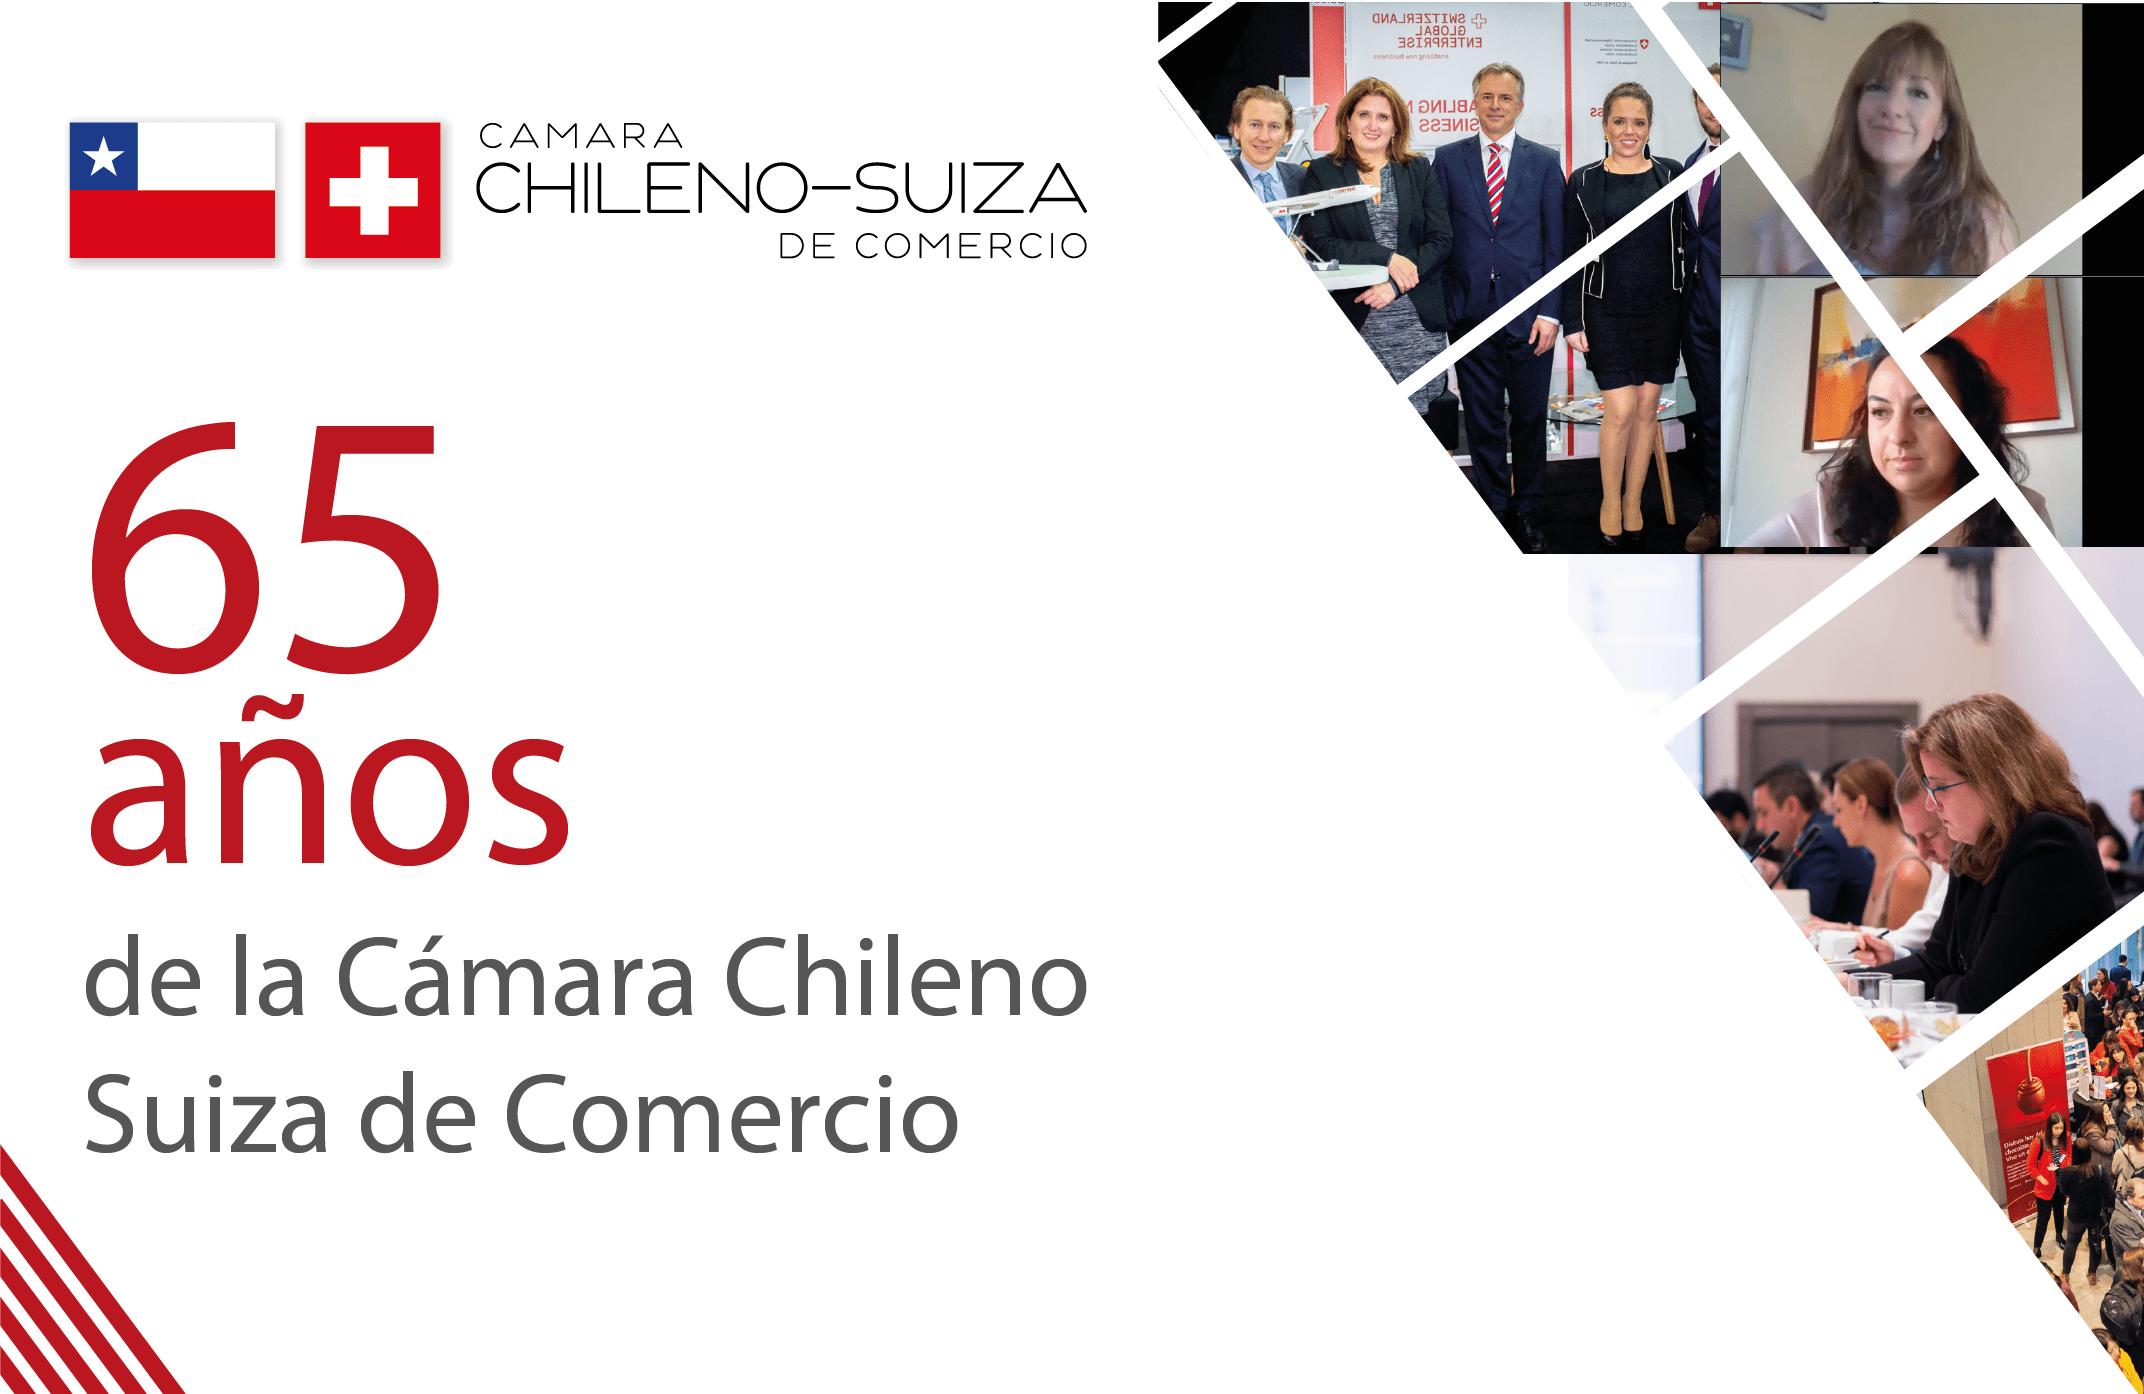 Celebramos 65 años de nuestra Cámara Chileno Suiza de Comercio